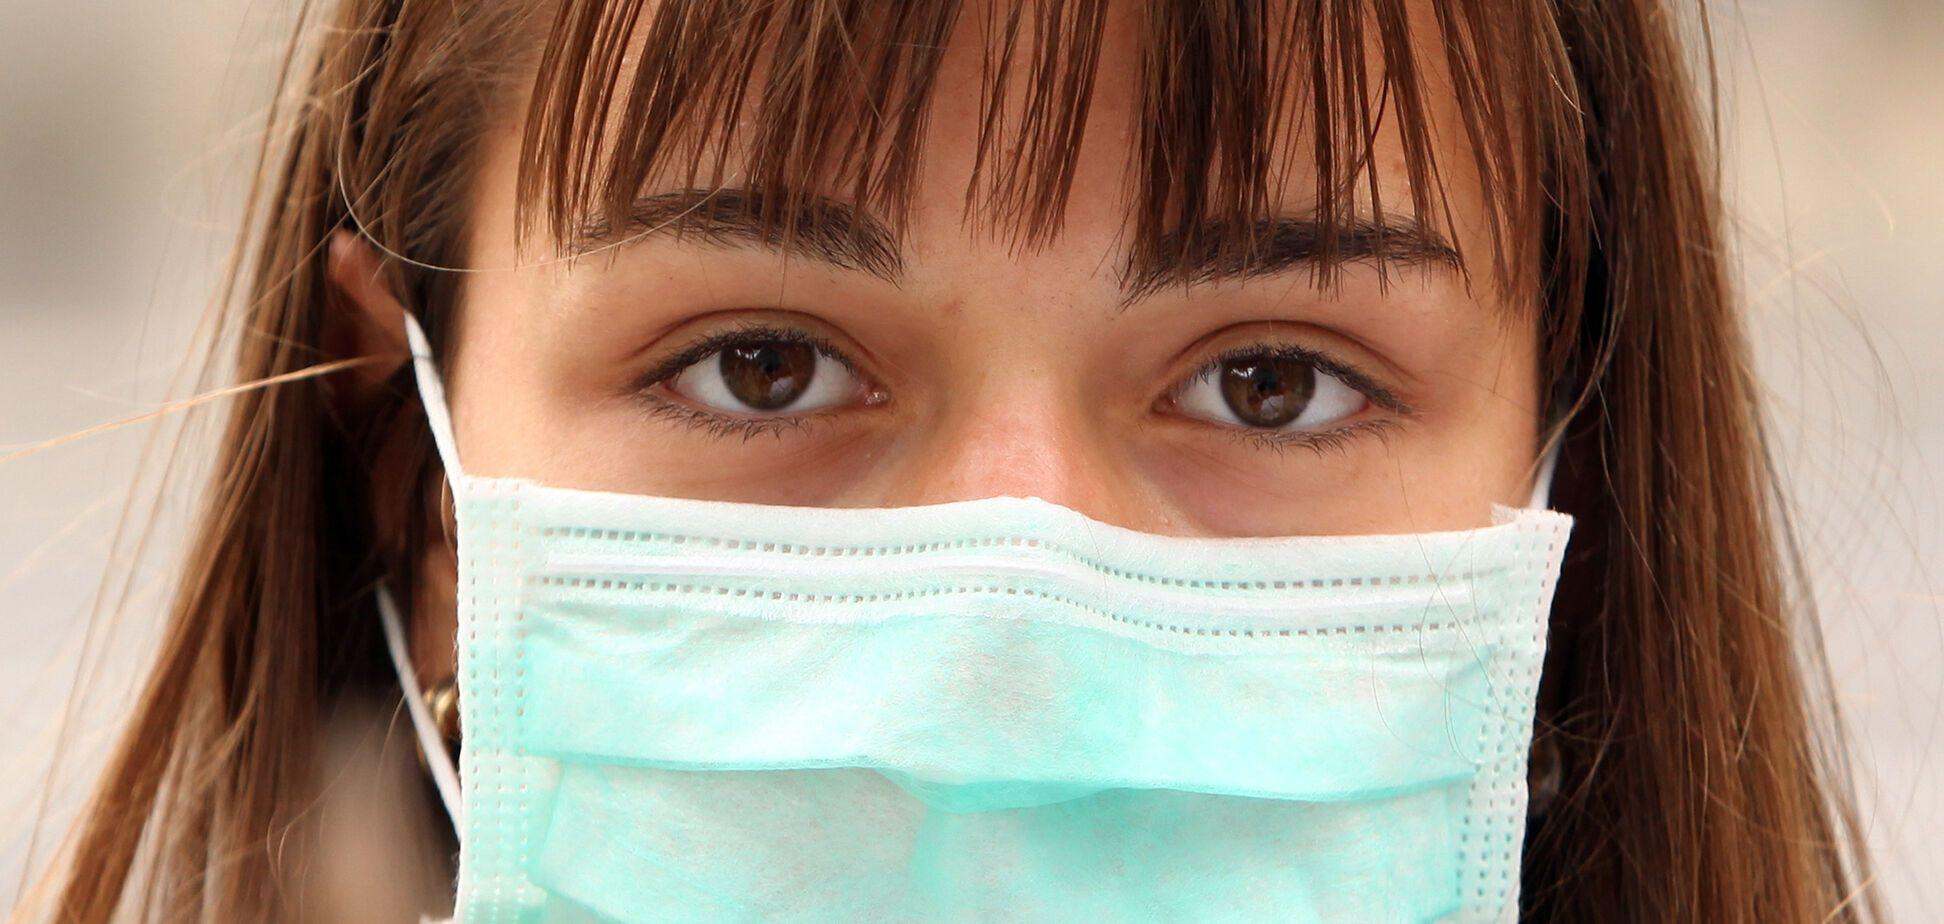 В Україну йде грип: як підготуватися до нової епідемії